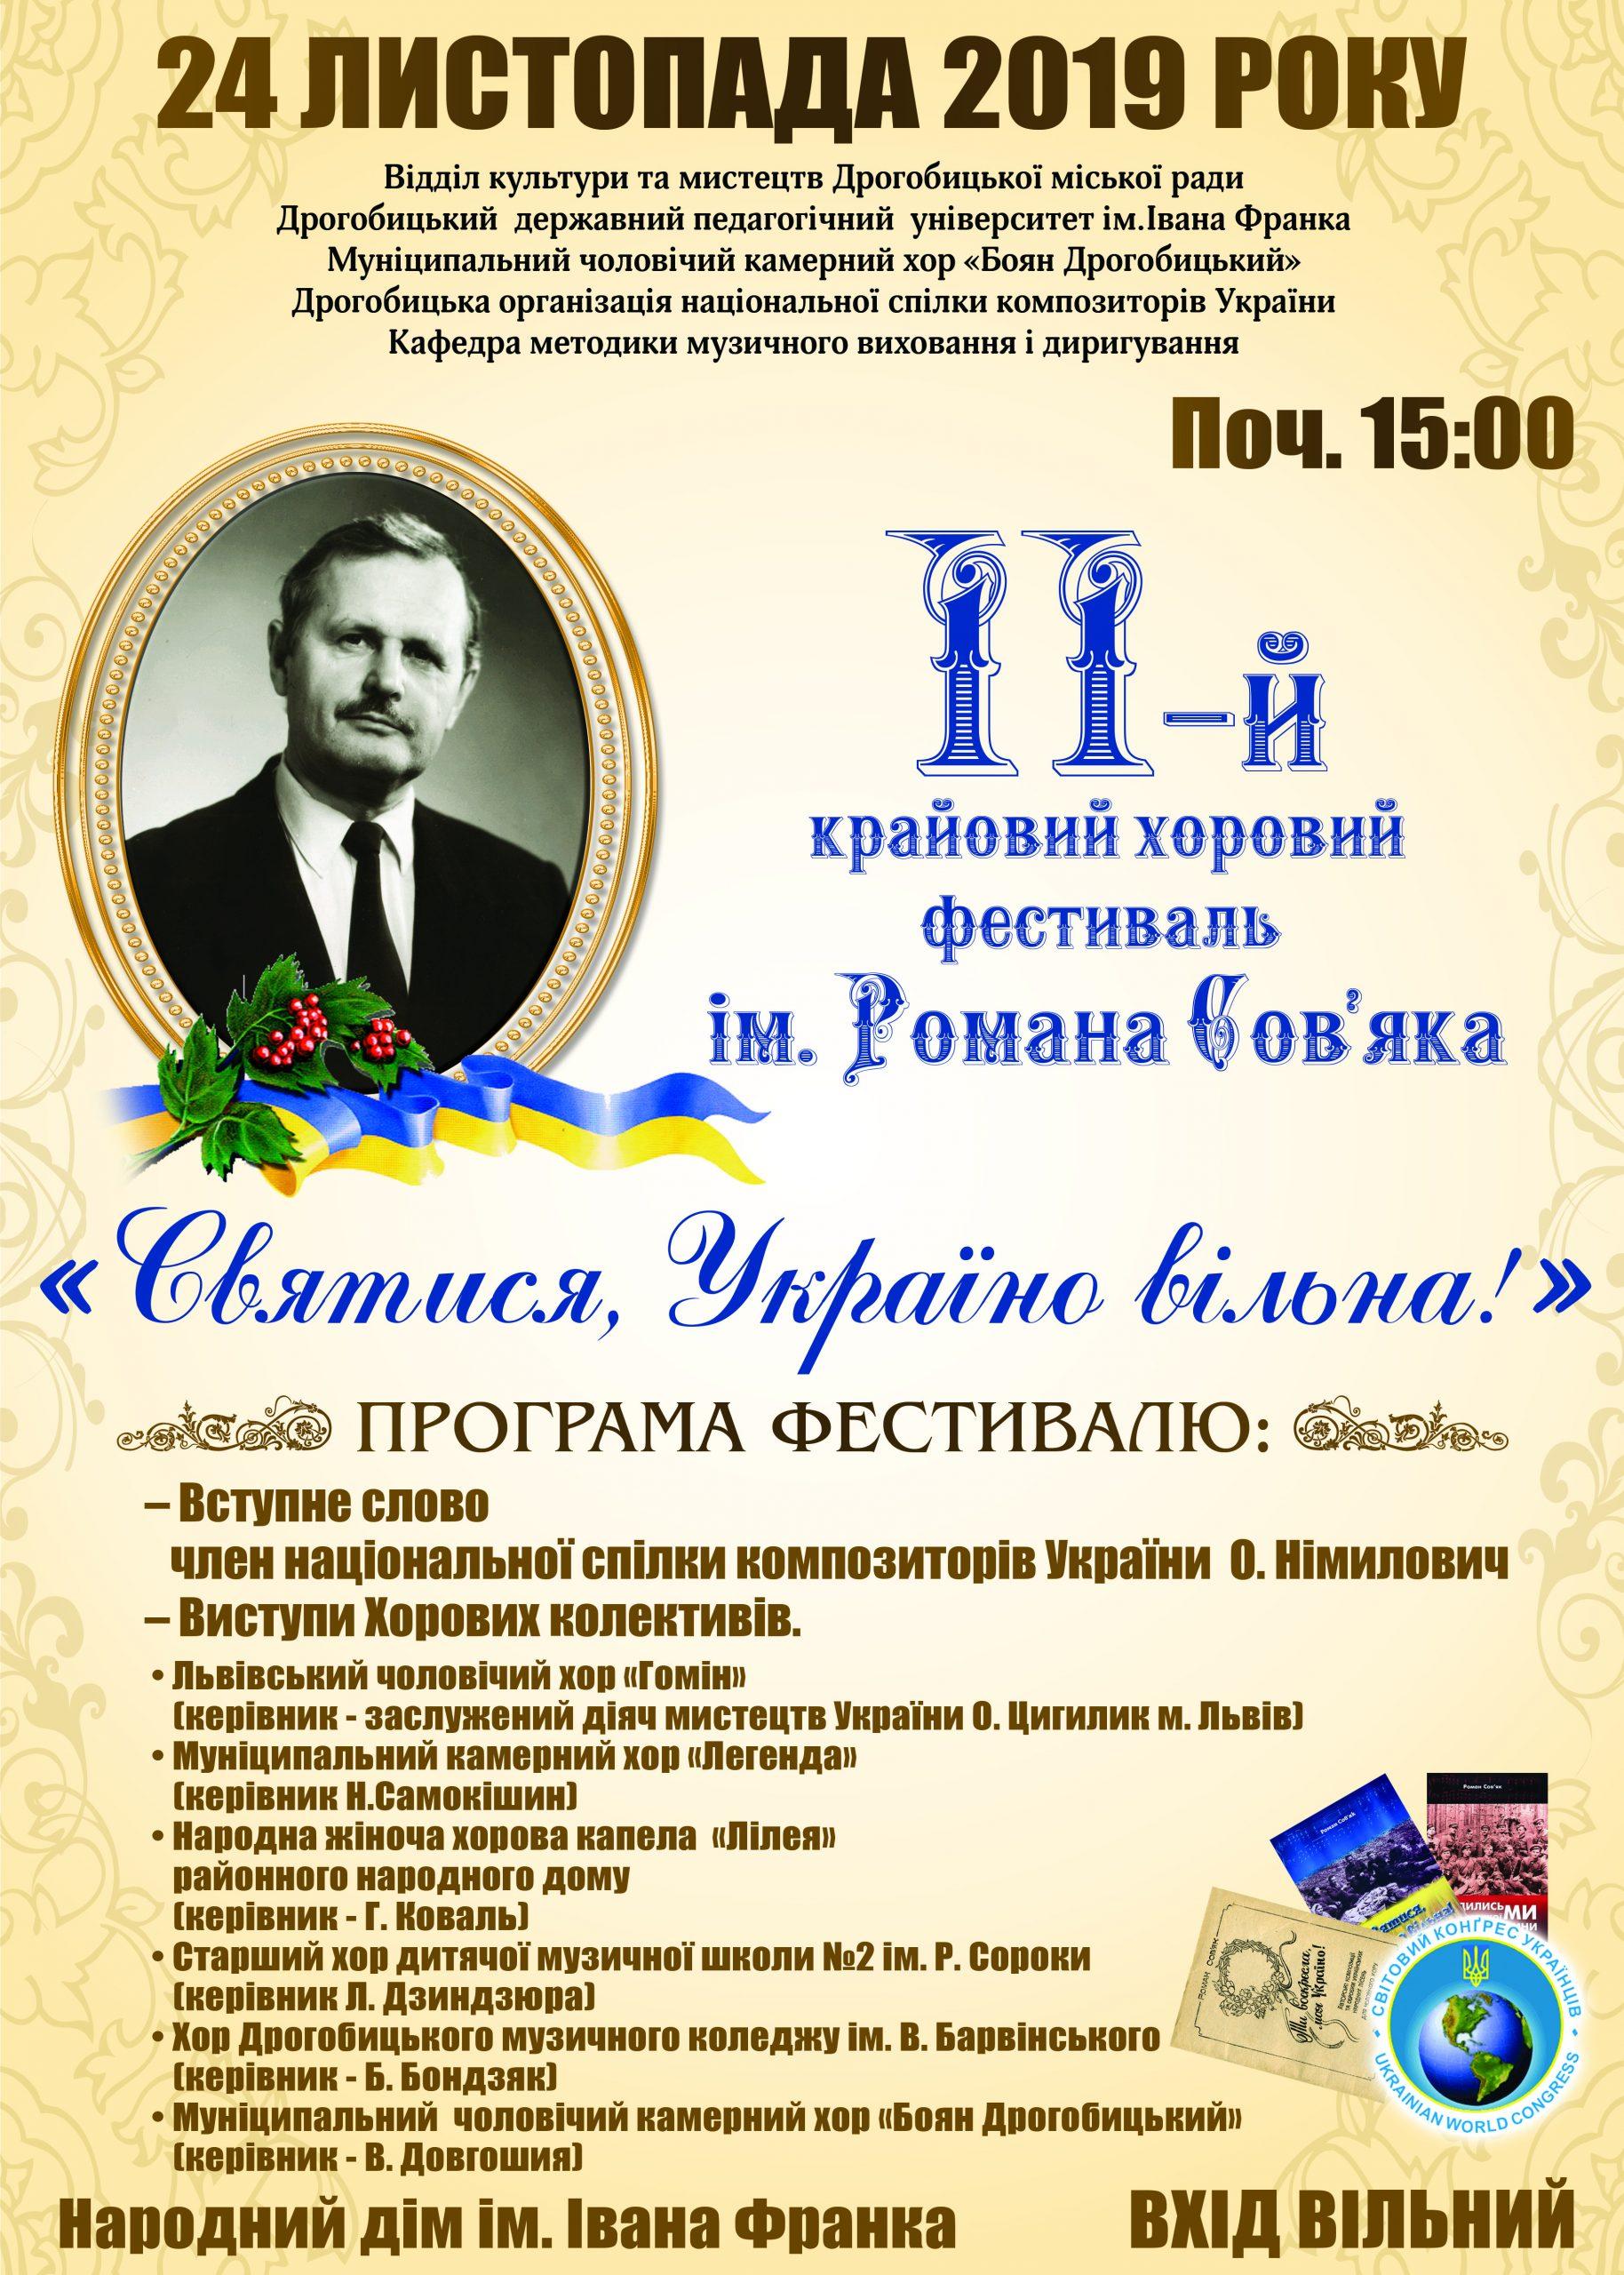 24 листопада у Дрогобичі відбудеться ІІ крайовий хоровий фестиваль ім. Романа Сов`яка